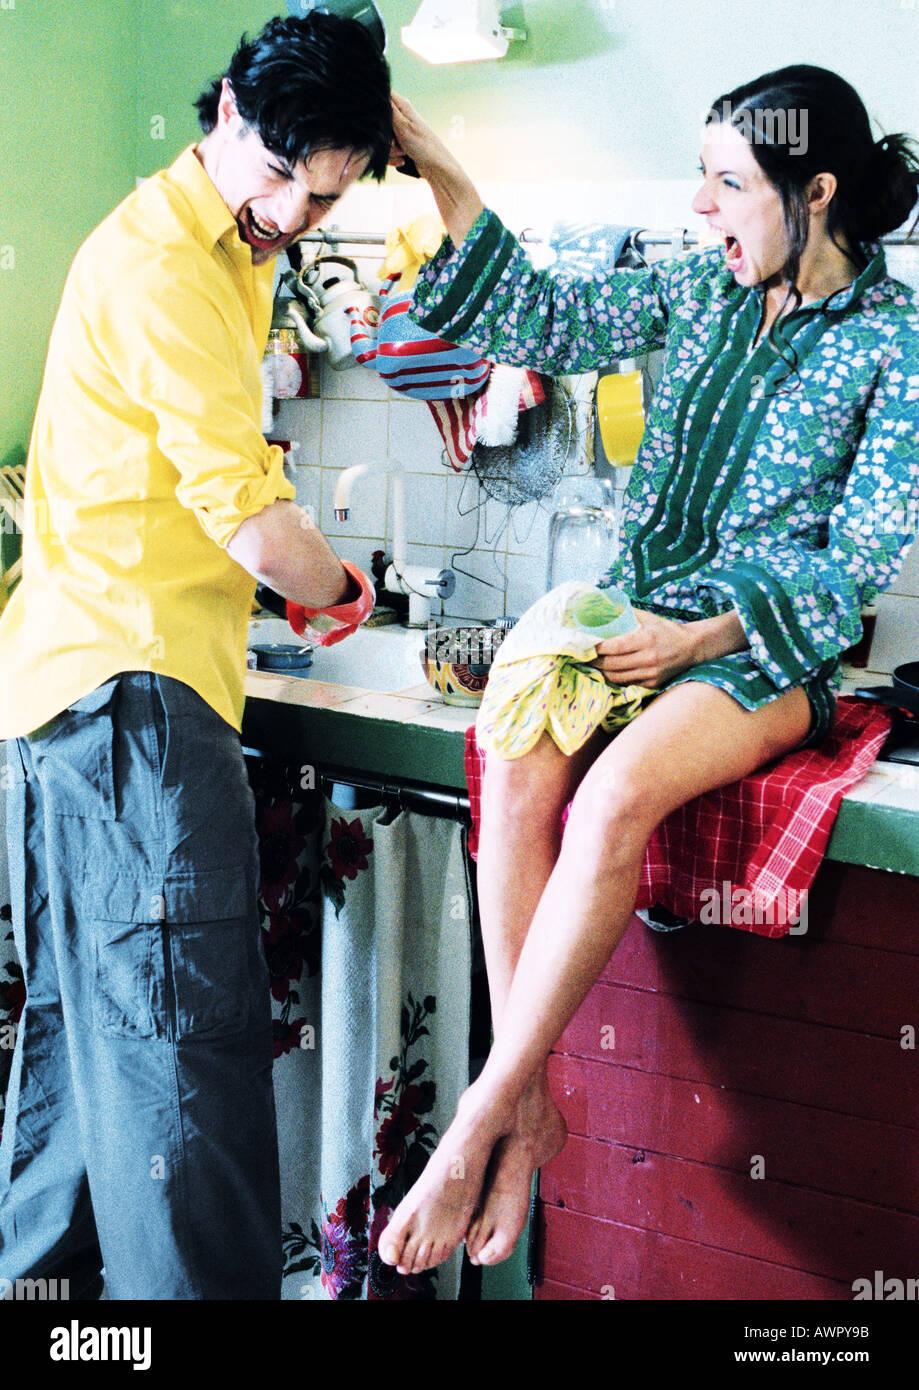 Paar in Küche, Geschirrspülen, Frau sitzt an Theke, Mannes Haare Mann. Stockfoto